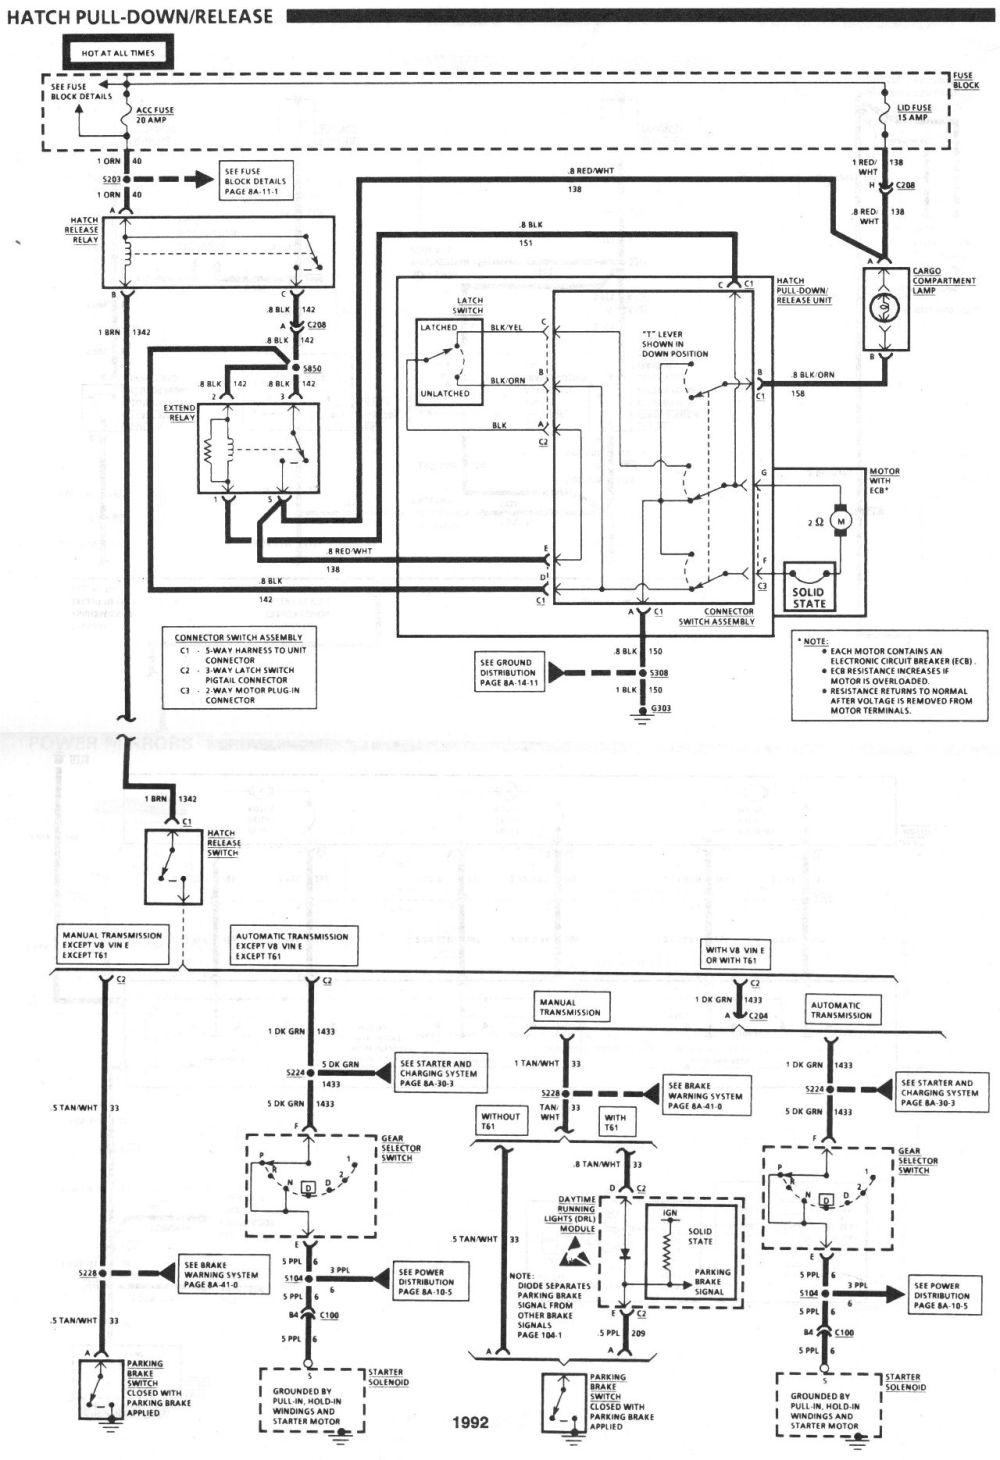 medium resolution of 1992 camaro rear hatch wiring third generation f body 700r4 wiring schematic